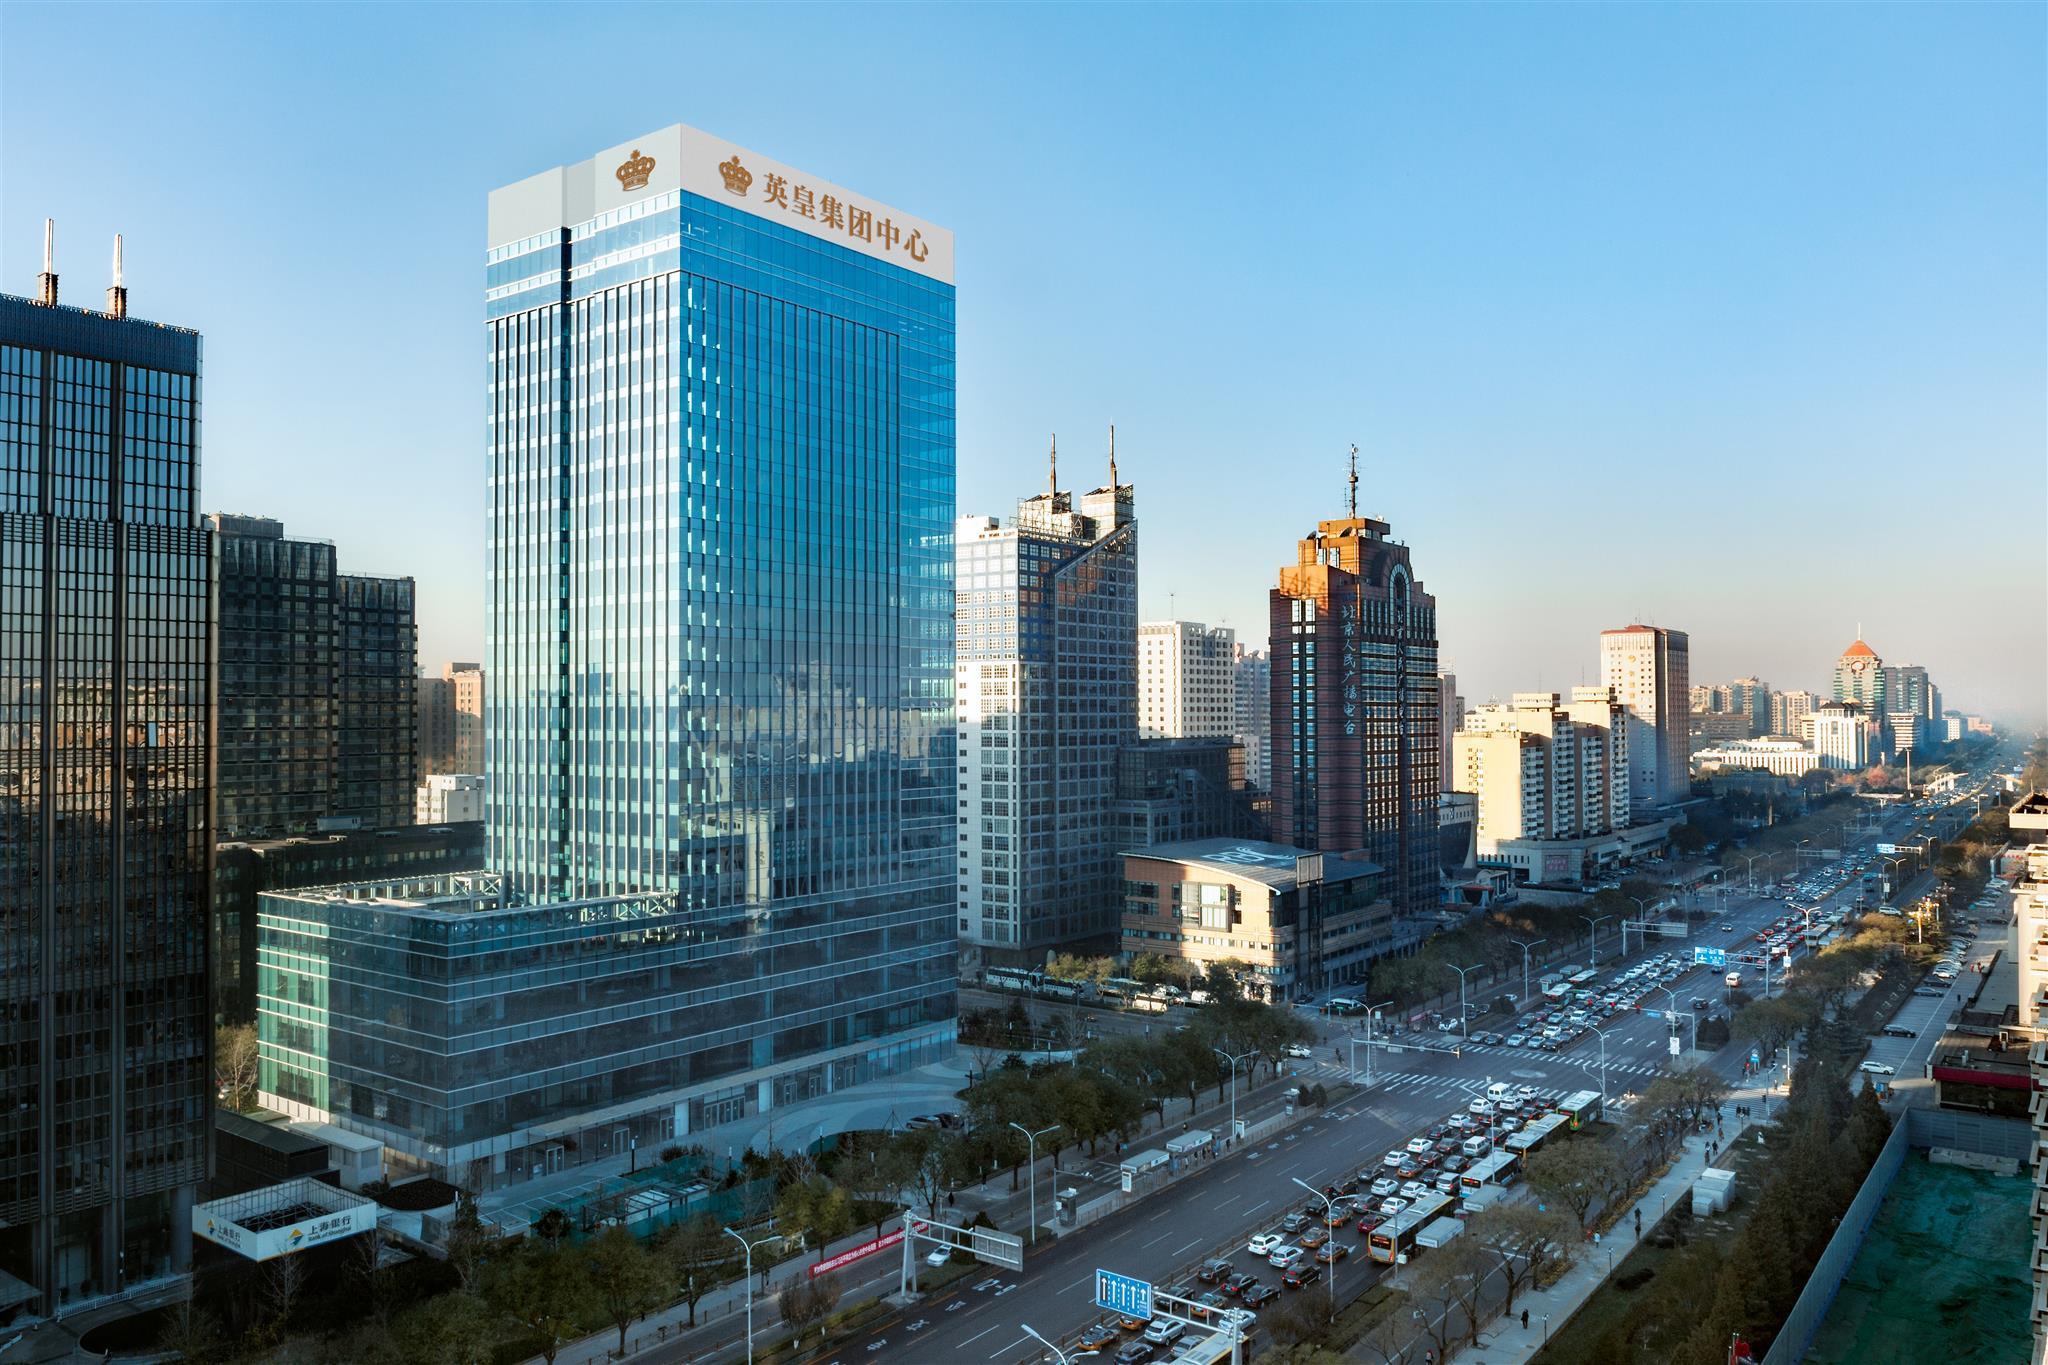 昨日吴亦凡空降英皇电影城-北京英皇集团中心